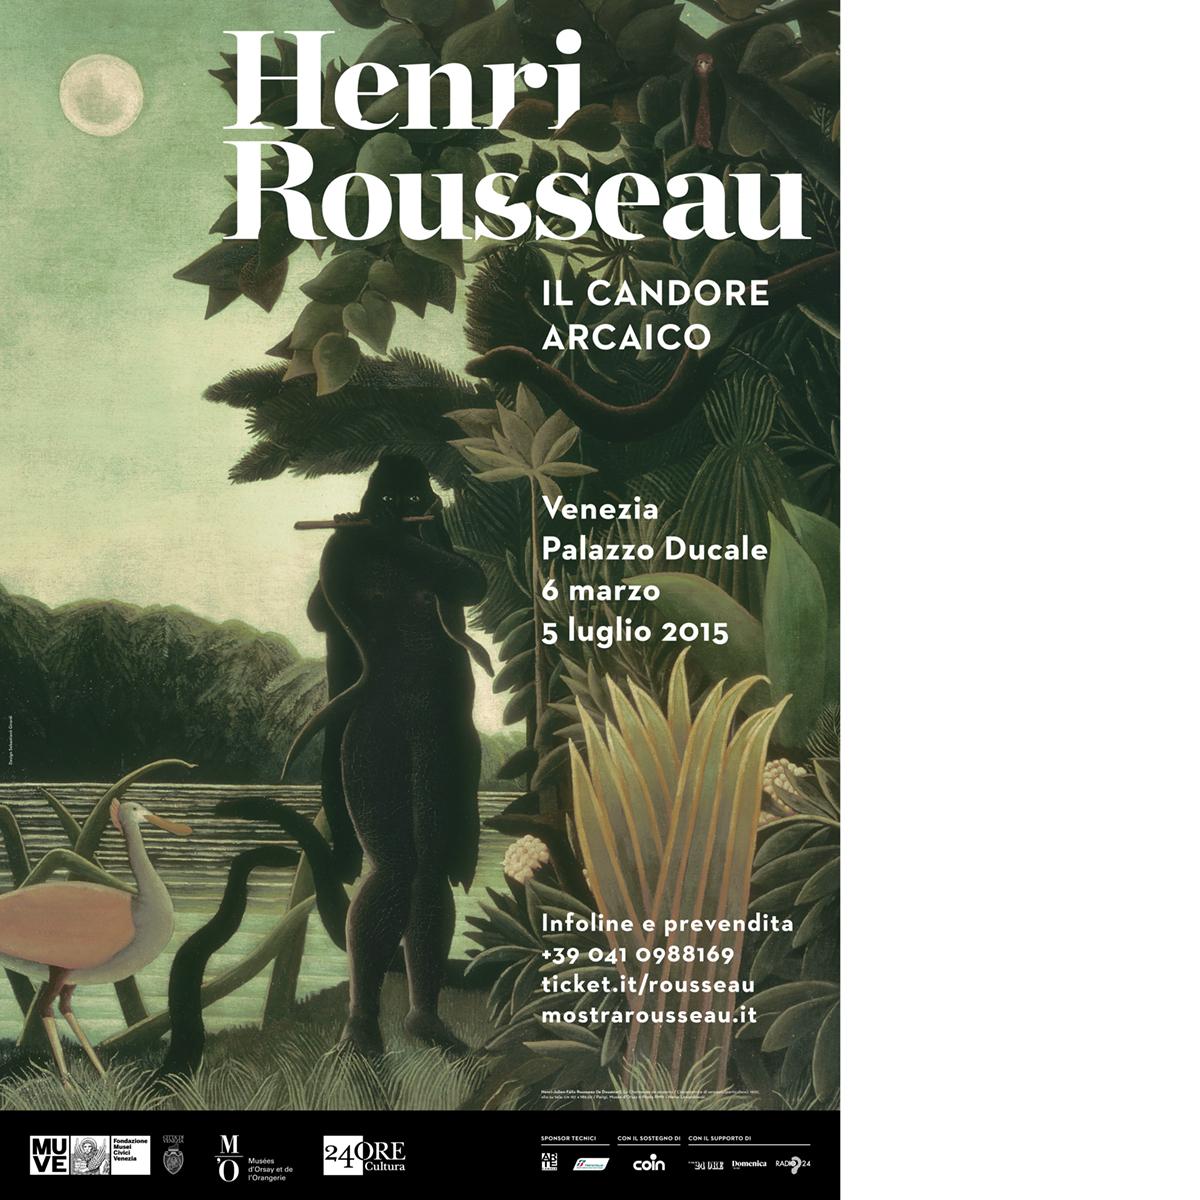 Henri-RousseauIl-Candore-Arcaico-001